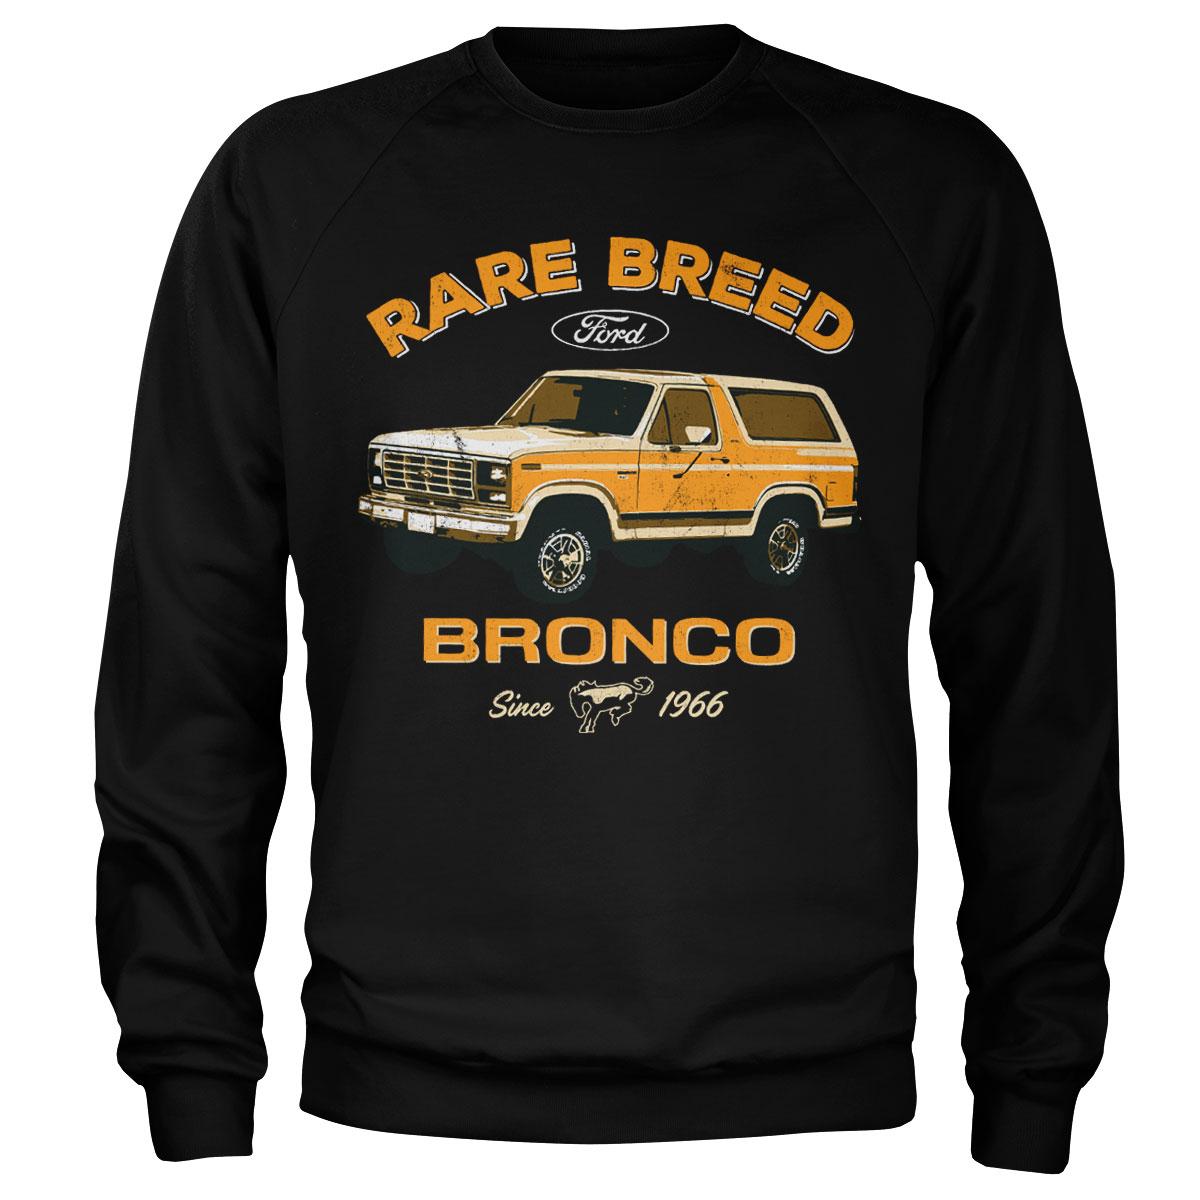 Ford Bronco - Rare Breed Sweatshirt